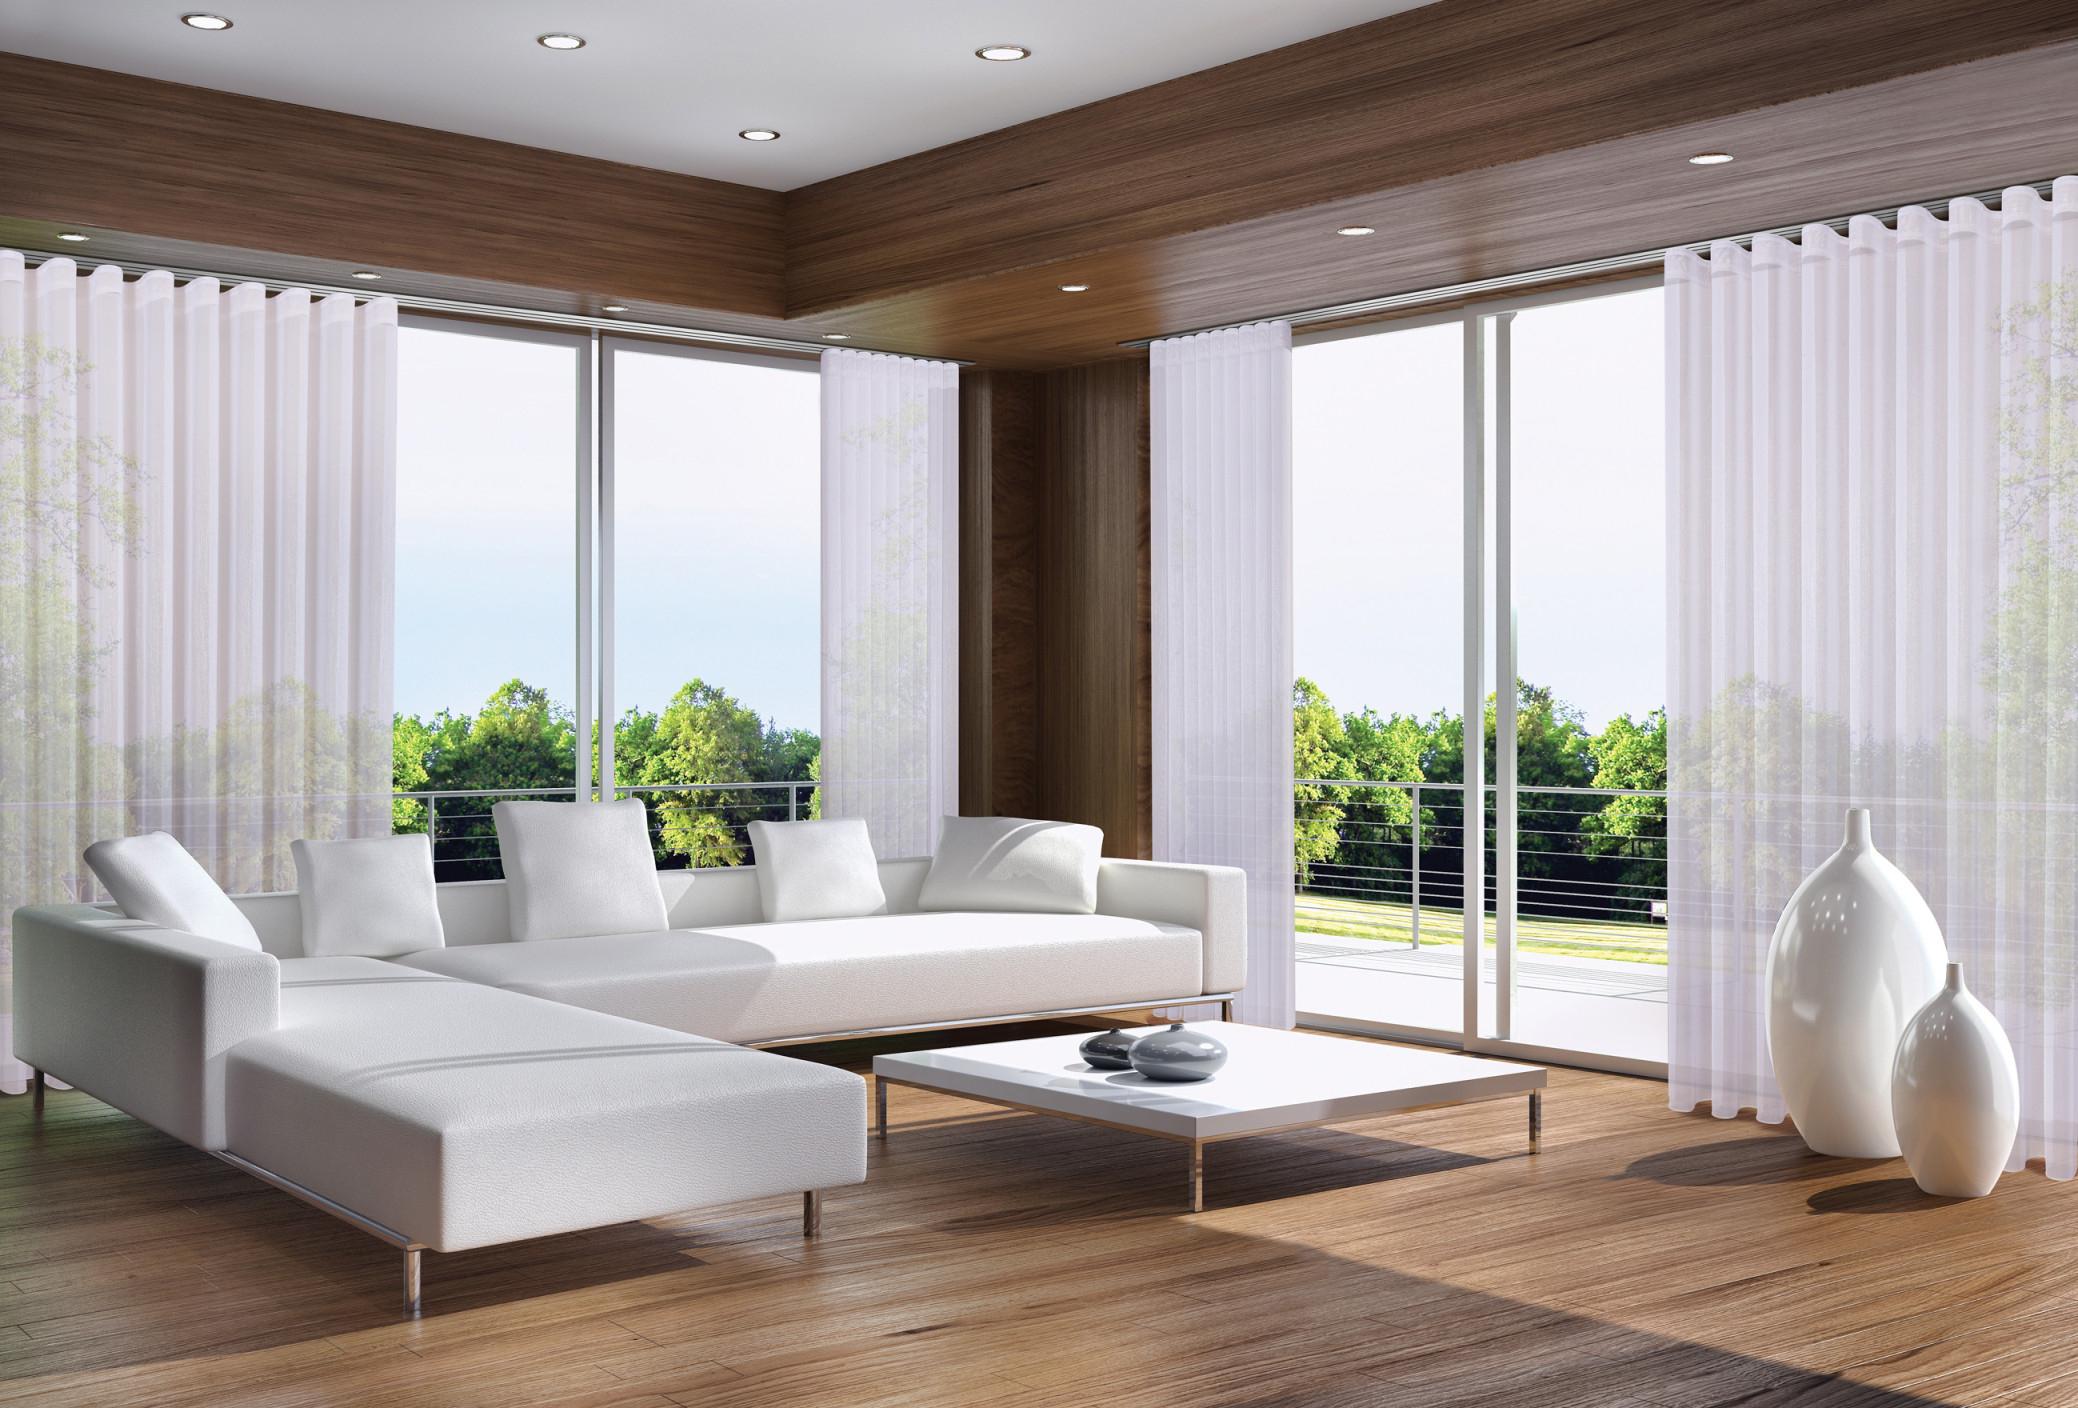 Gardinen Für Große Fensterfronten  Tipps Für Die Auswahl von Gardinen Wohnzimmer Großes Fenster Bild